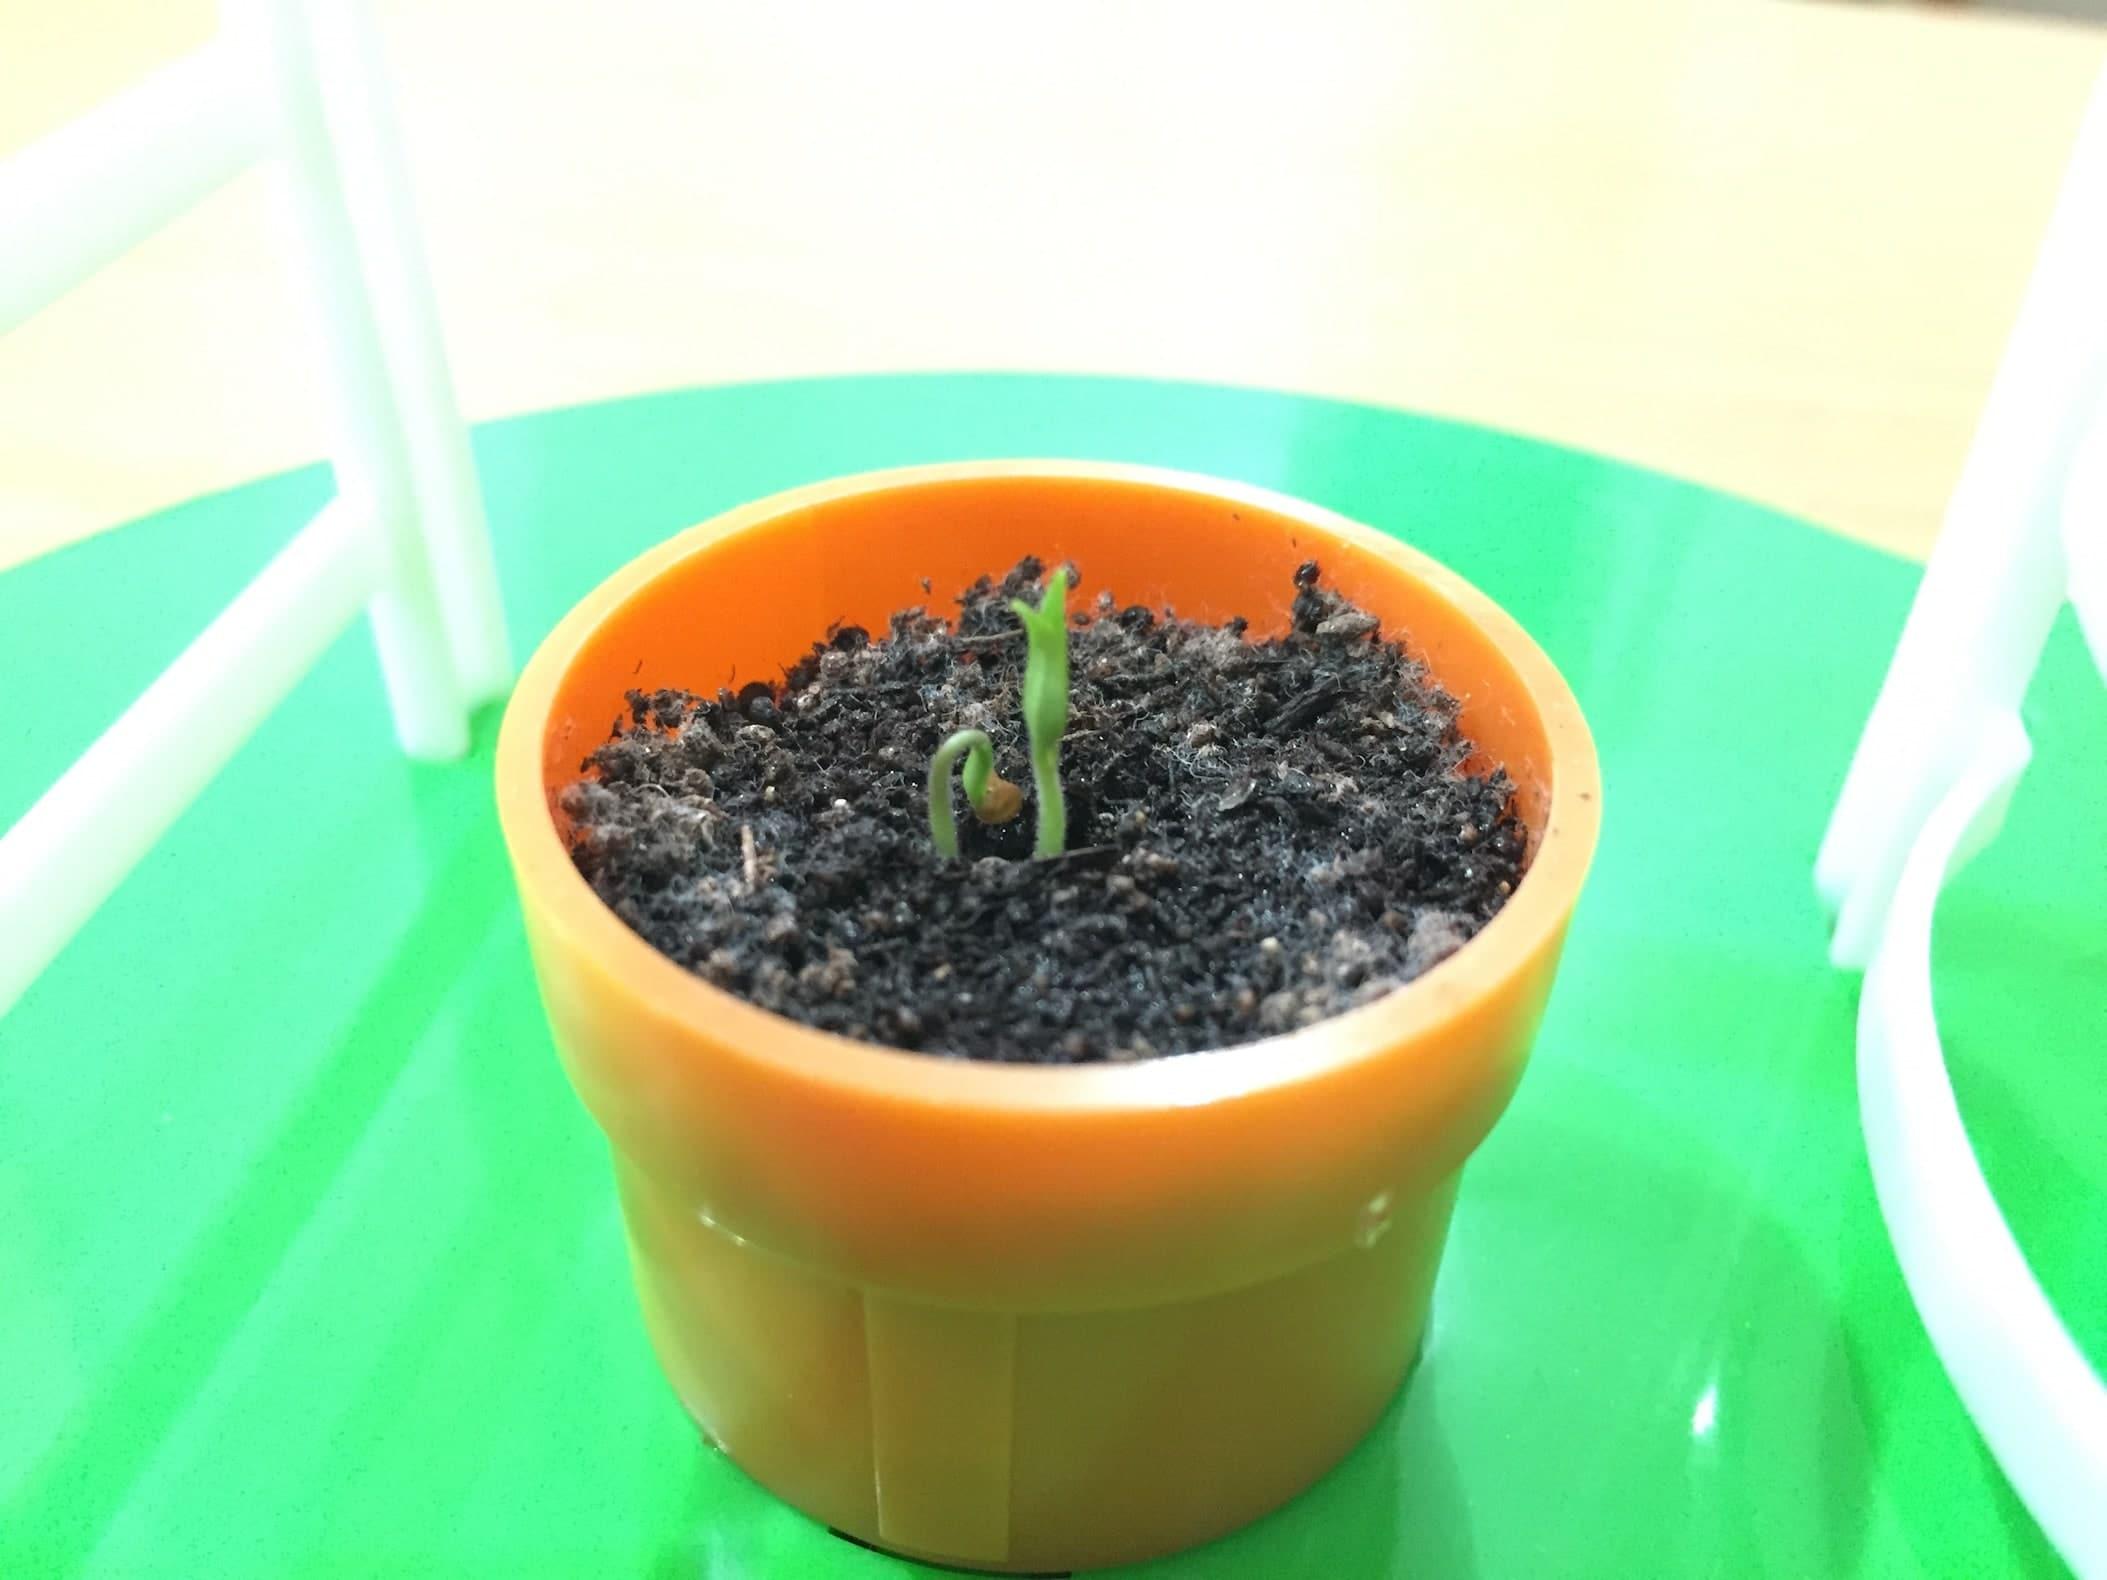 トマト02 成長01 発芽